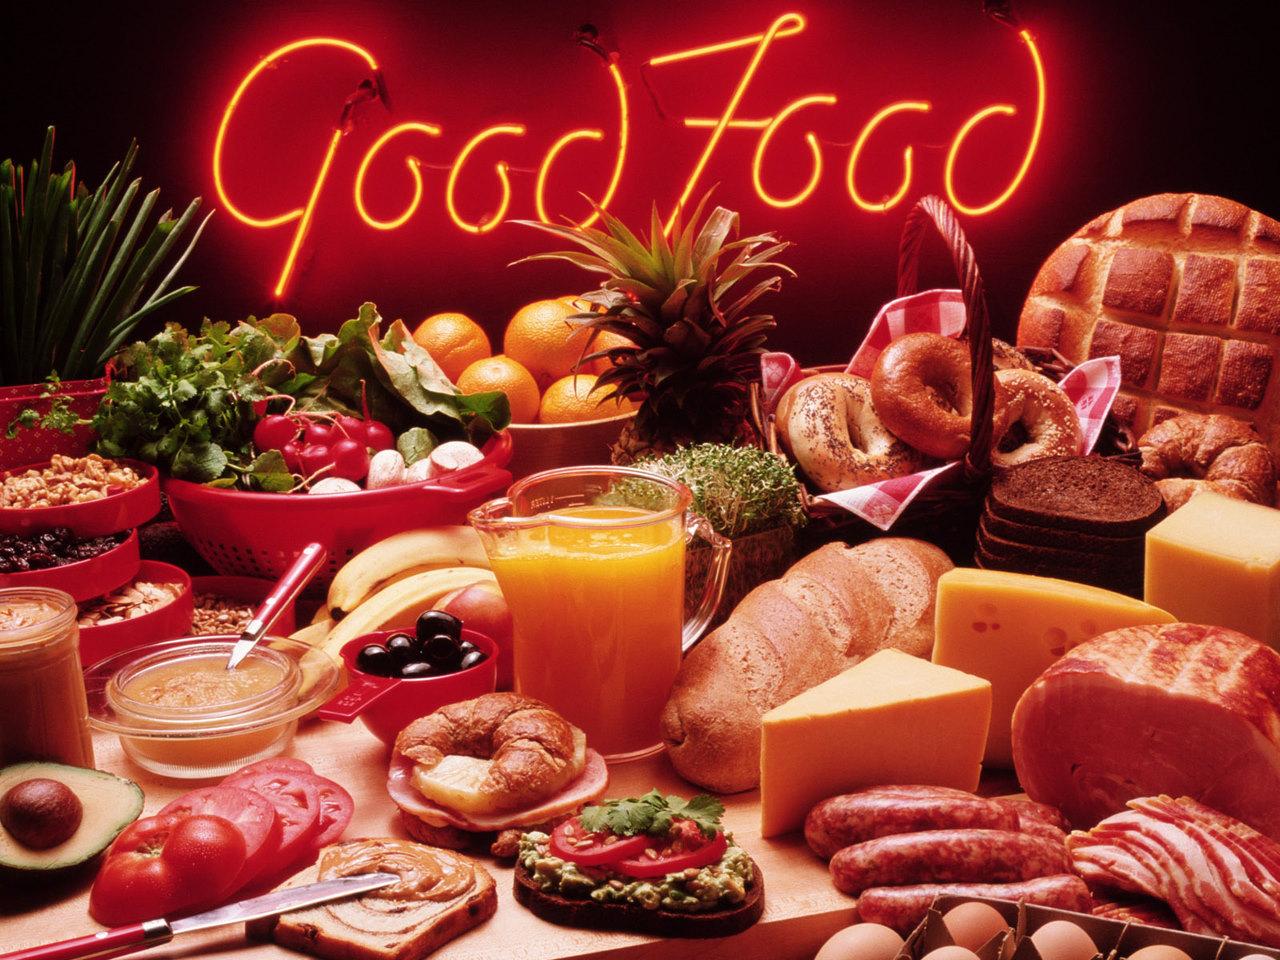 Các từ tiếng Anh dùng để mô tả thức ăn